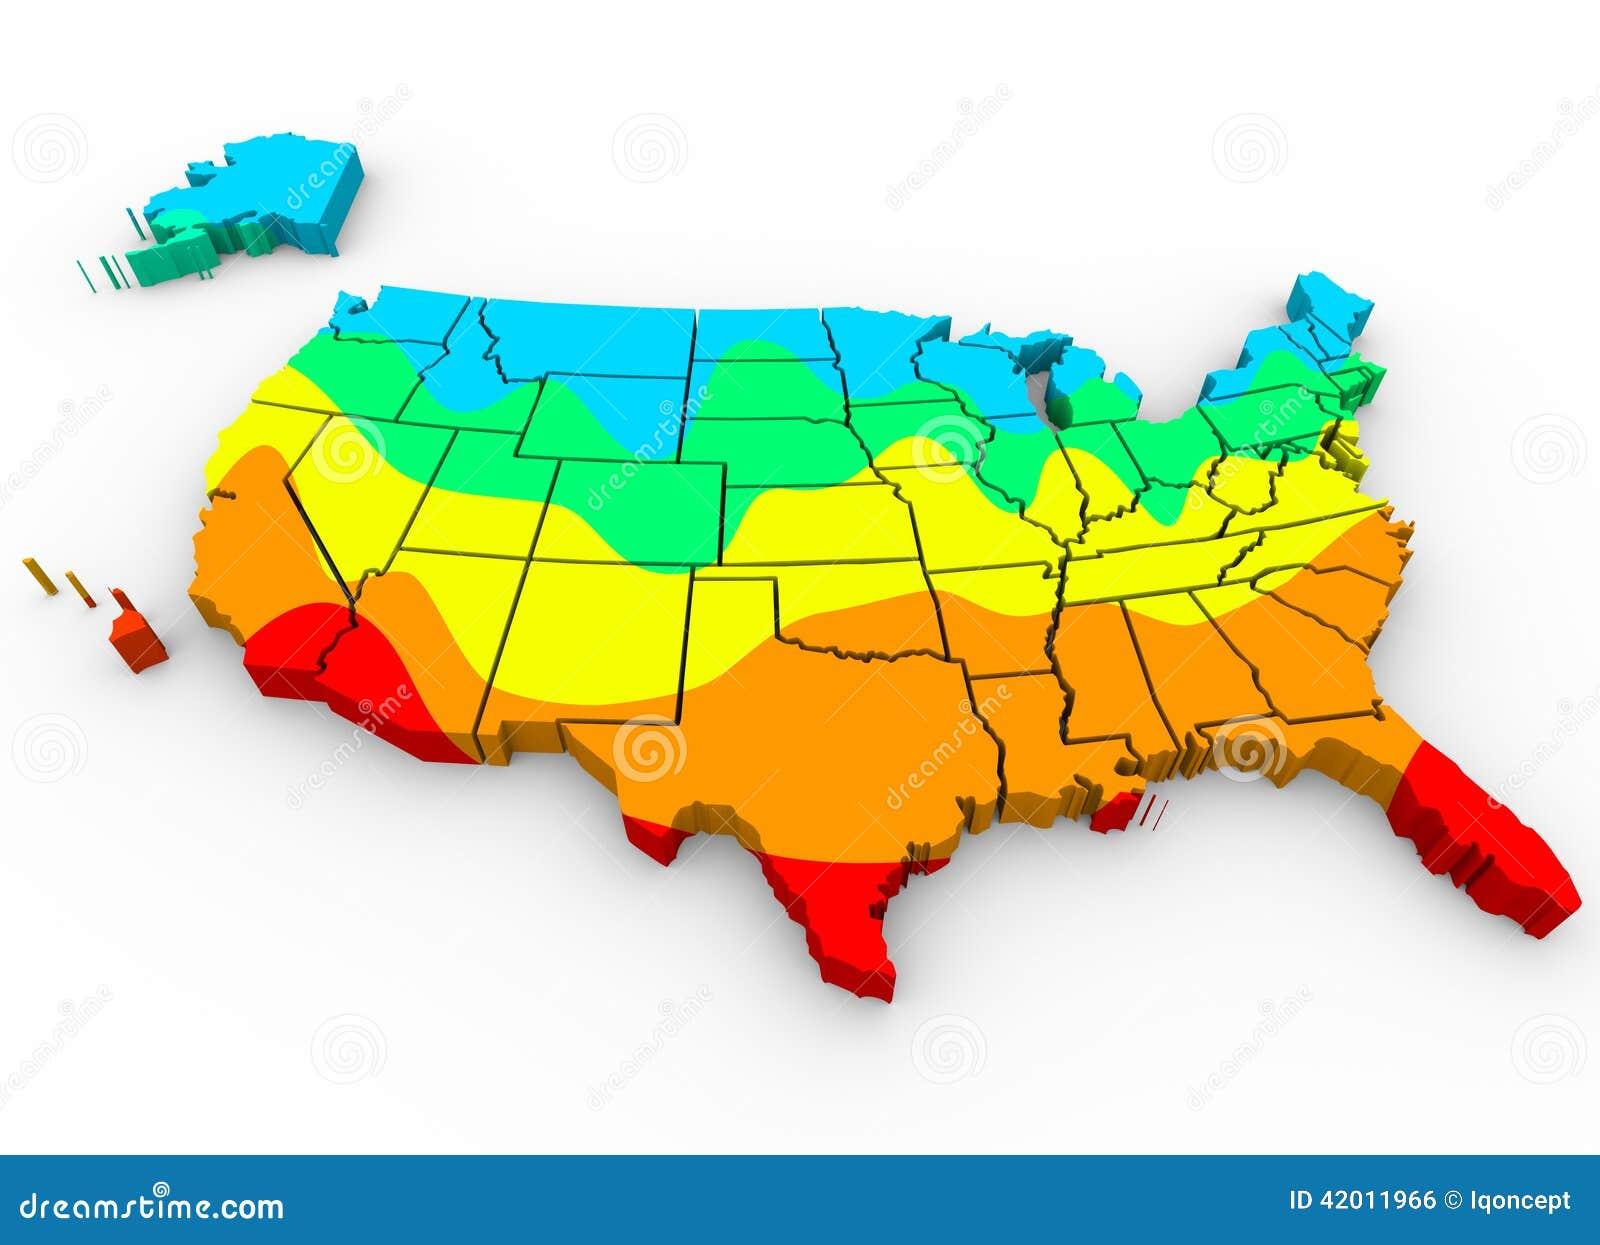 Cartina Stati Uniti Damerica | Search Results | Calendar 2015